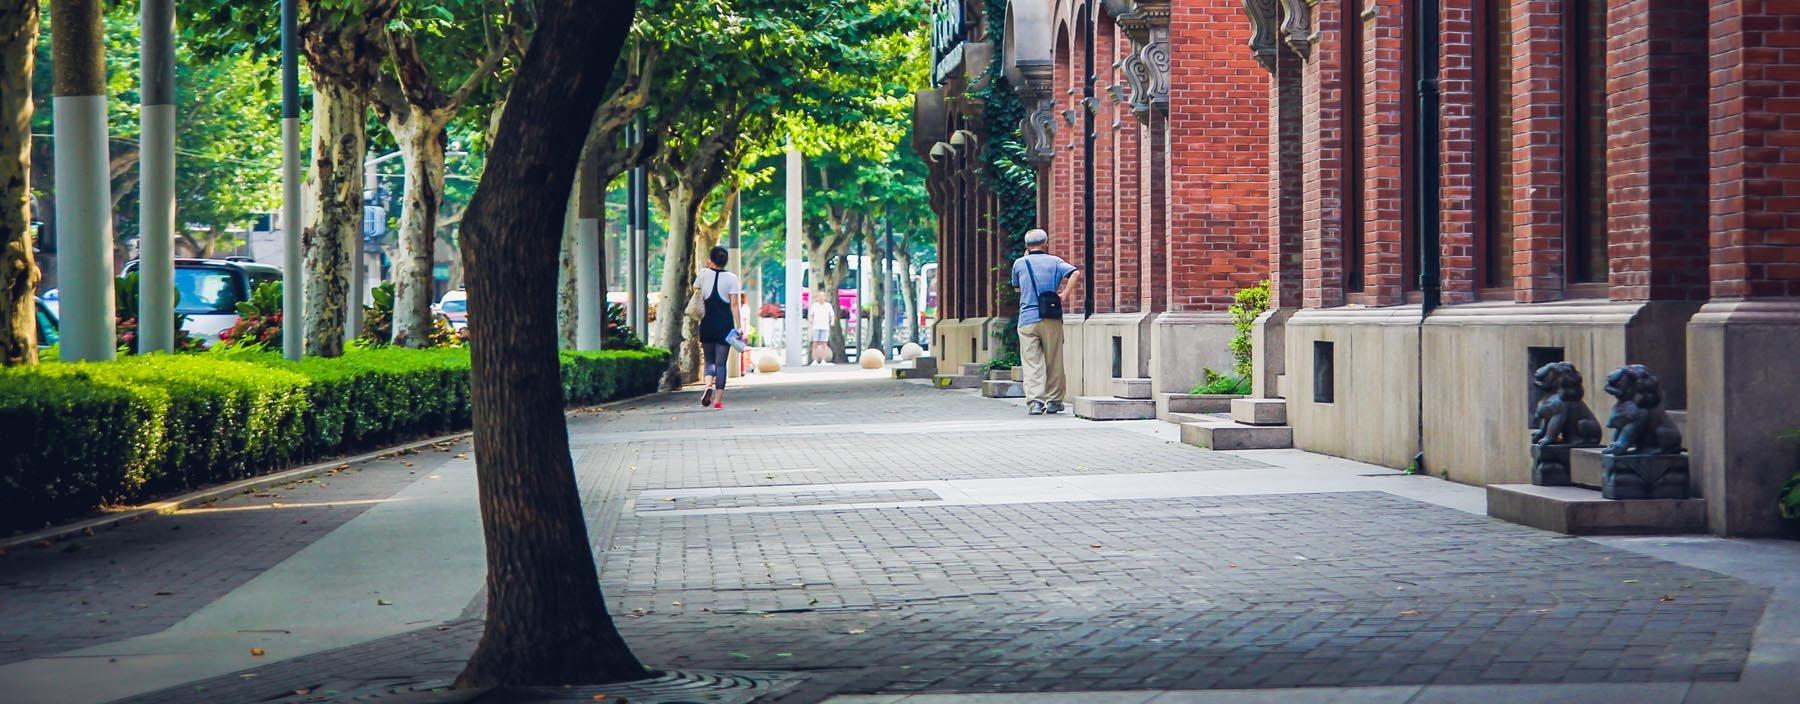 cn, shanghai, straat franse wijk.jpg